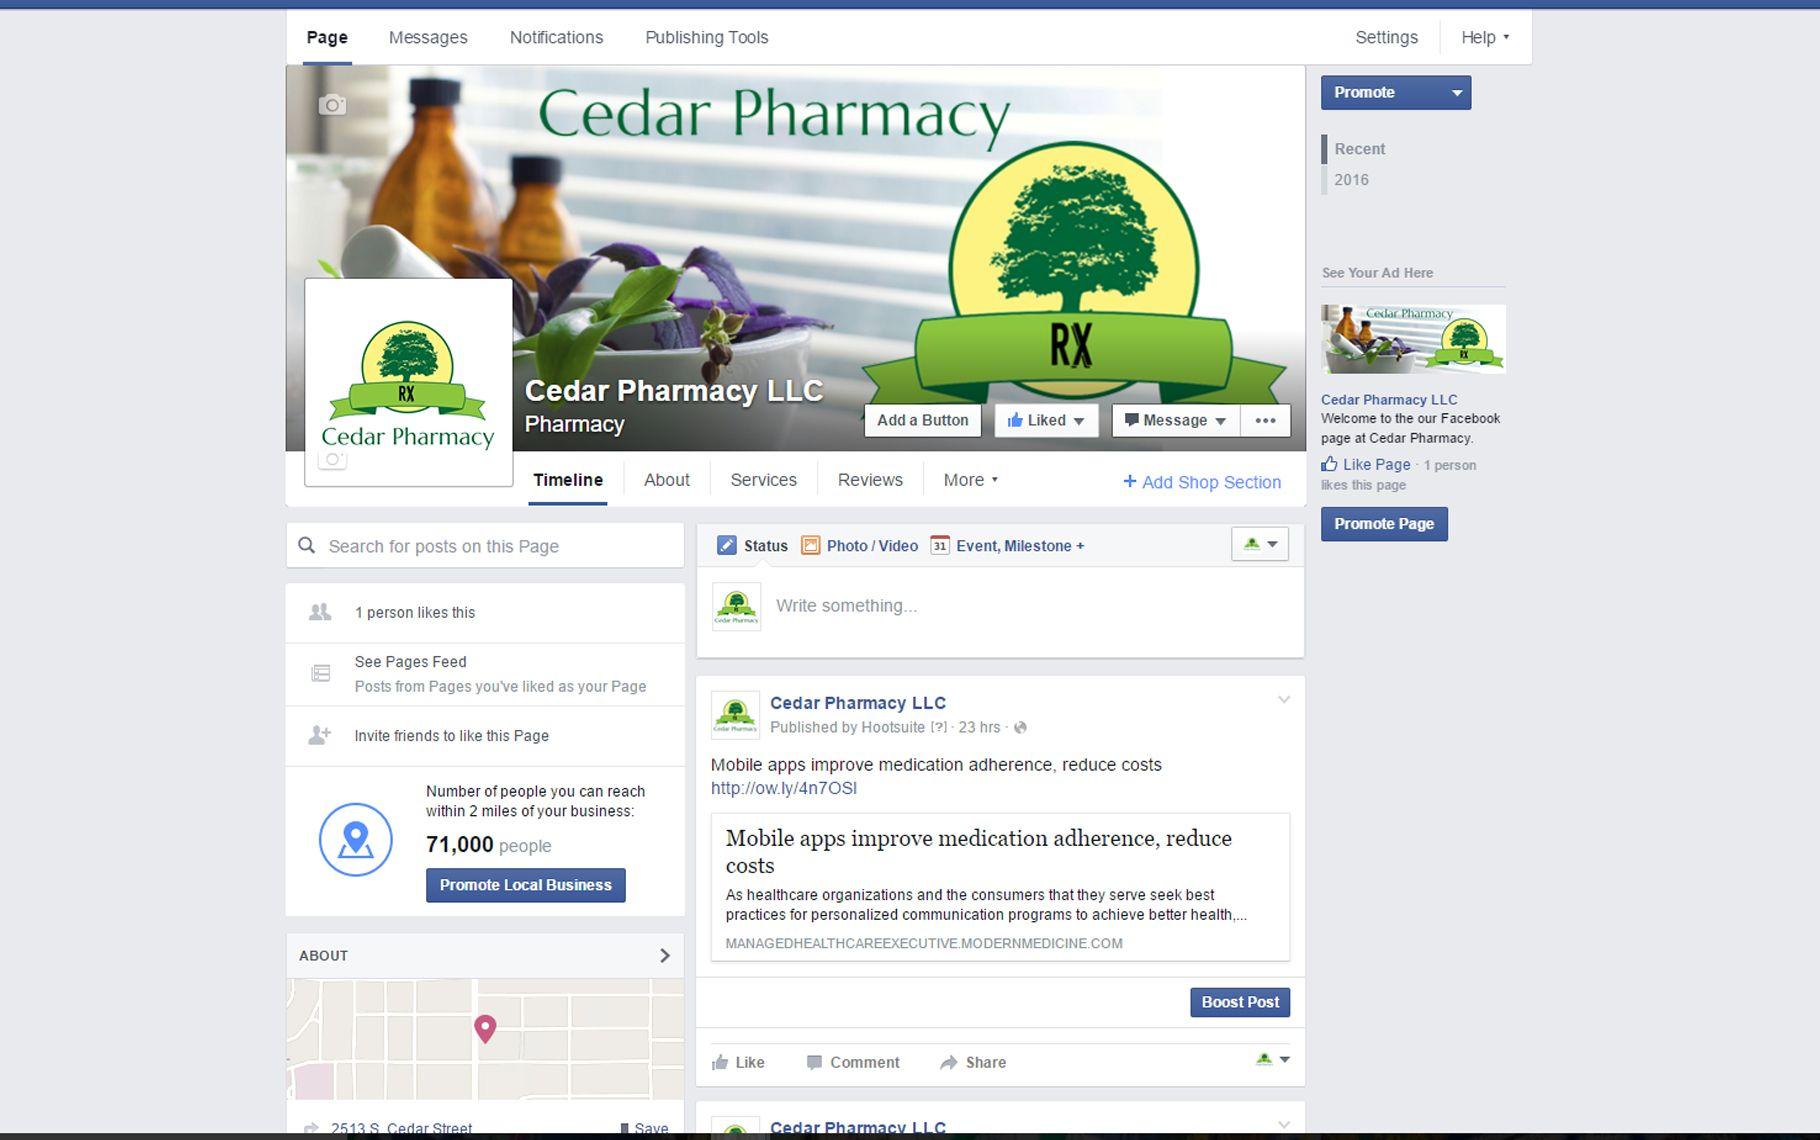 Facebook page for Cedar Pharmacy with bi-weekly postings.